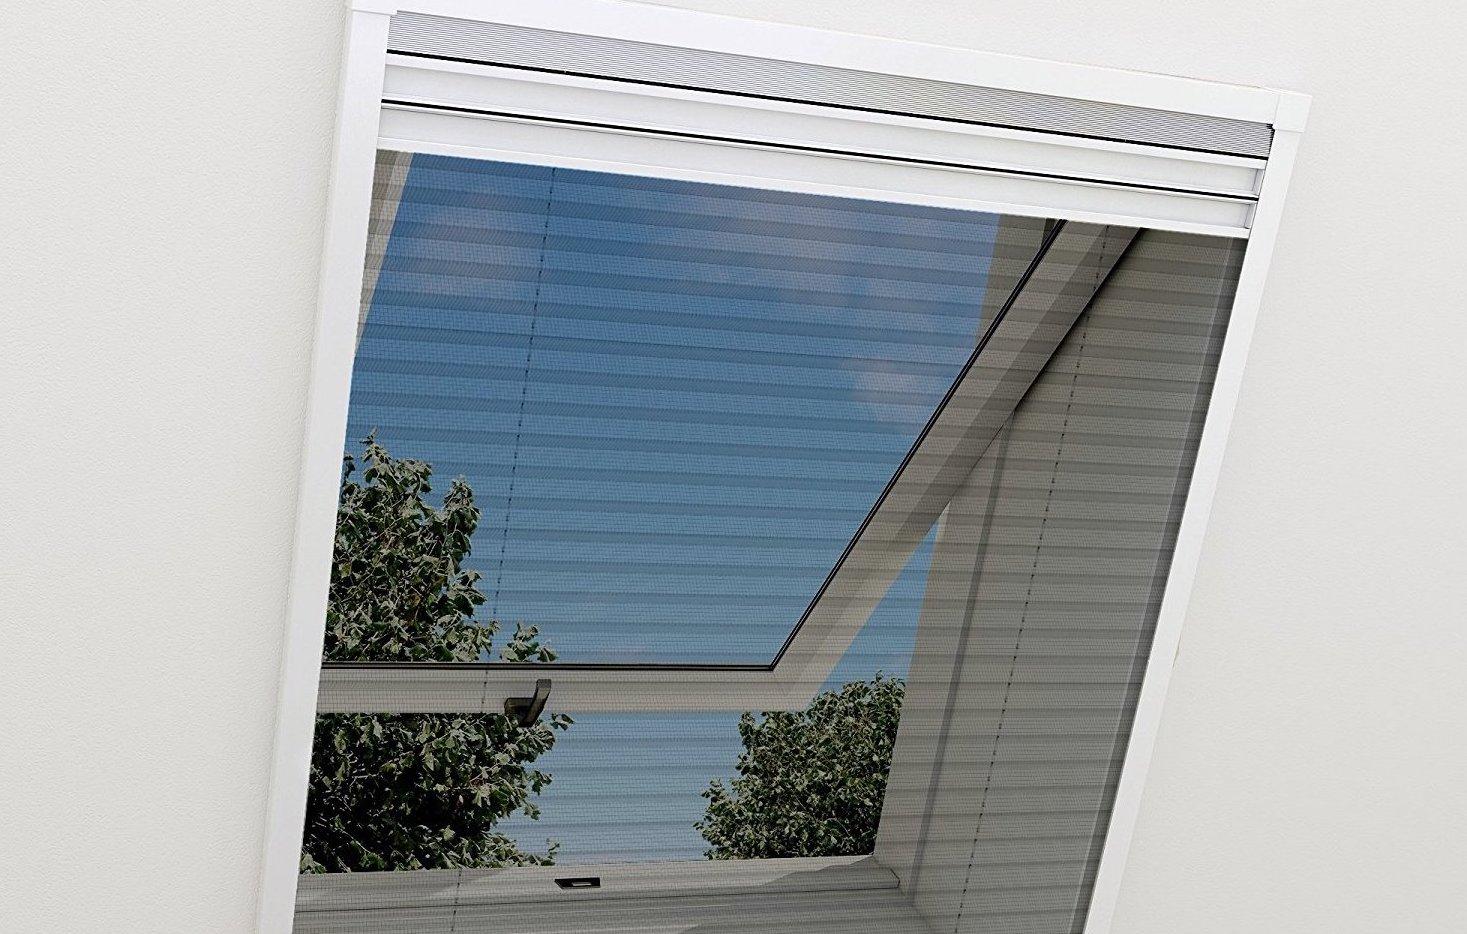 Full Size of Fliegennetz Fenster Kaufen Magnet Fliegengitter Befestigen Anbringen Dm Obi Tesa Bauhaus Rollo Insektenschutz Fr Dachfenster Im Test Moskitofrei Konfigurieren Fenster Fliegennetz Fenster